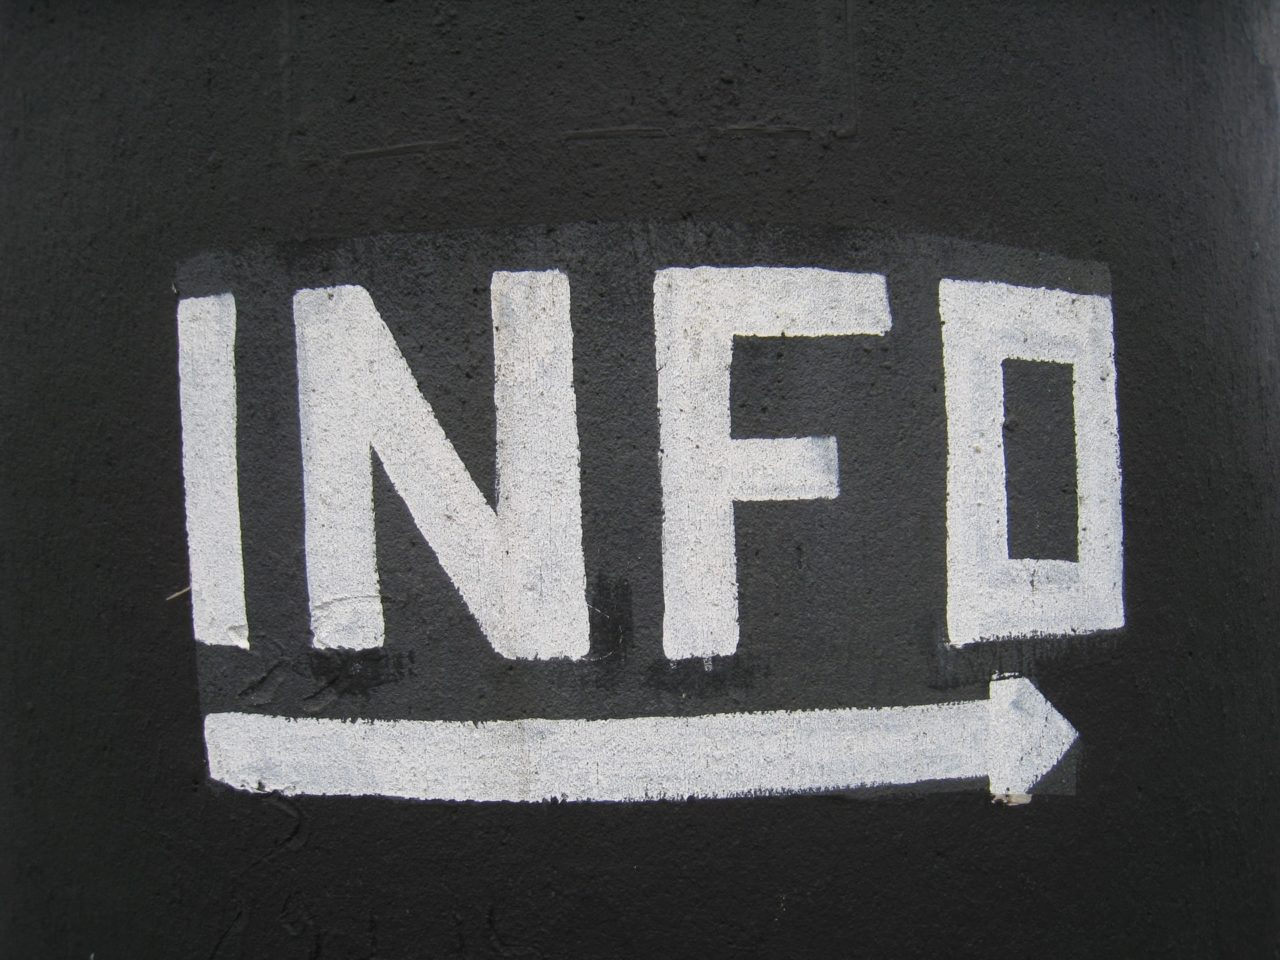 שילוט מידע - תמונה להמחשה